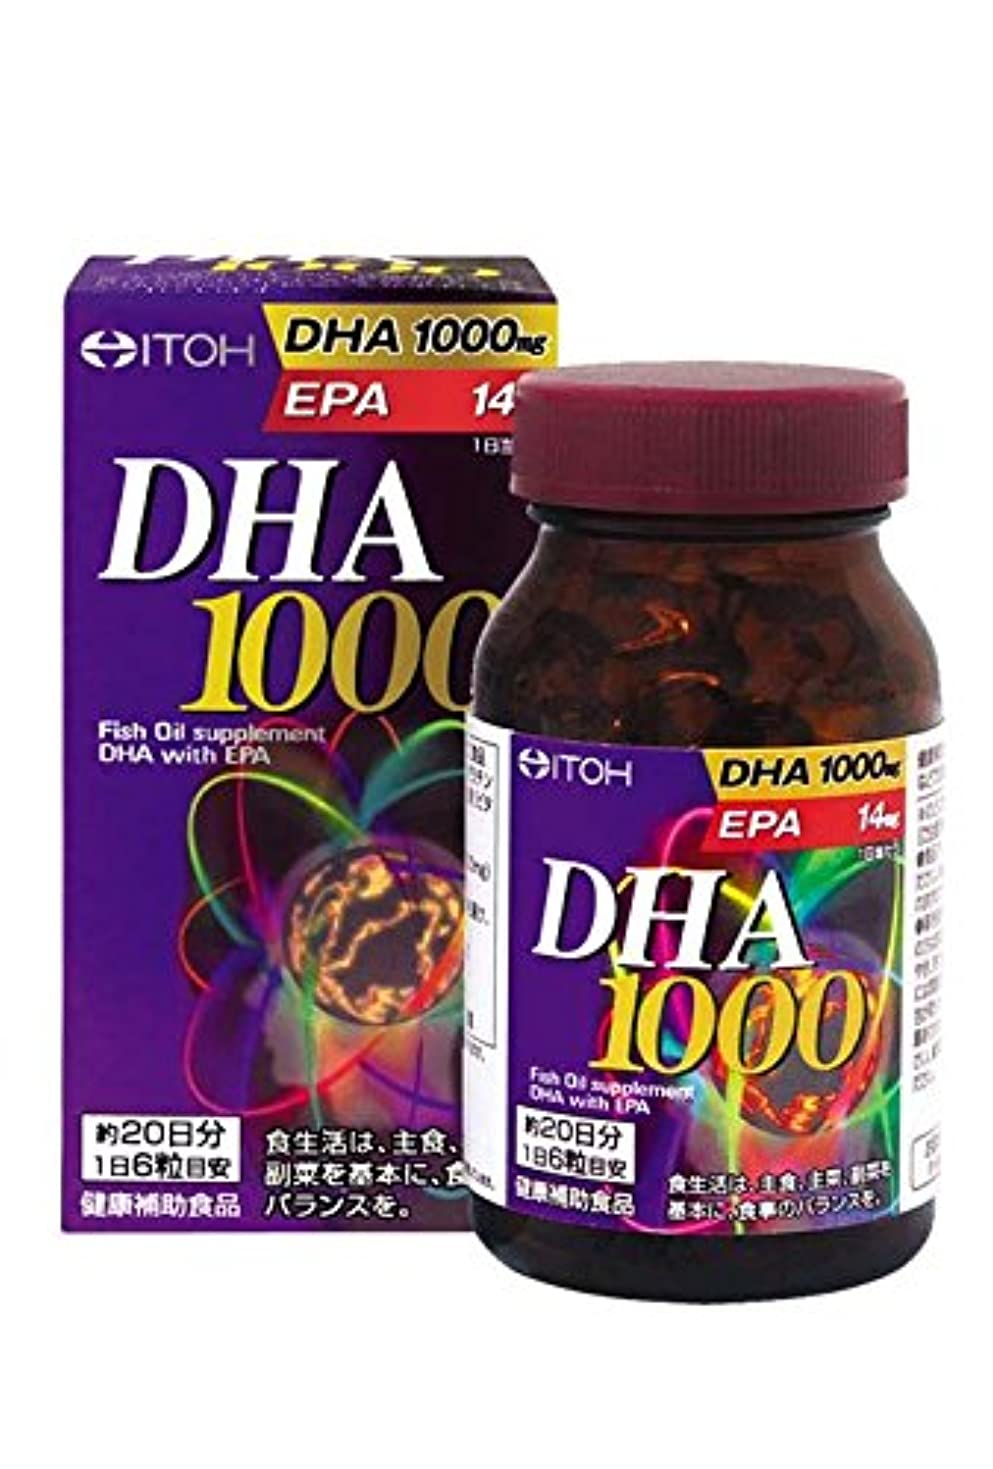 音声学非アクティブ意味井藤漢方製薬 DHA1000 約20日分 300mg×120粒×40本/ケース